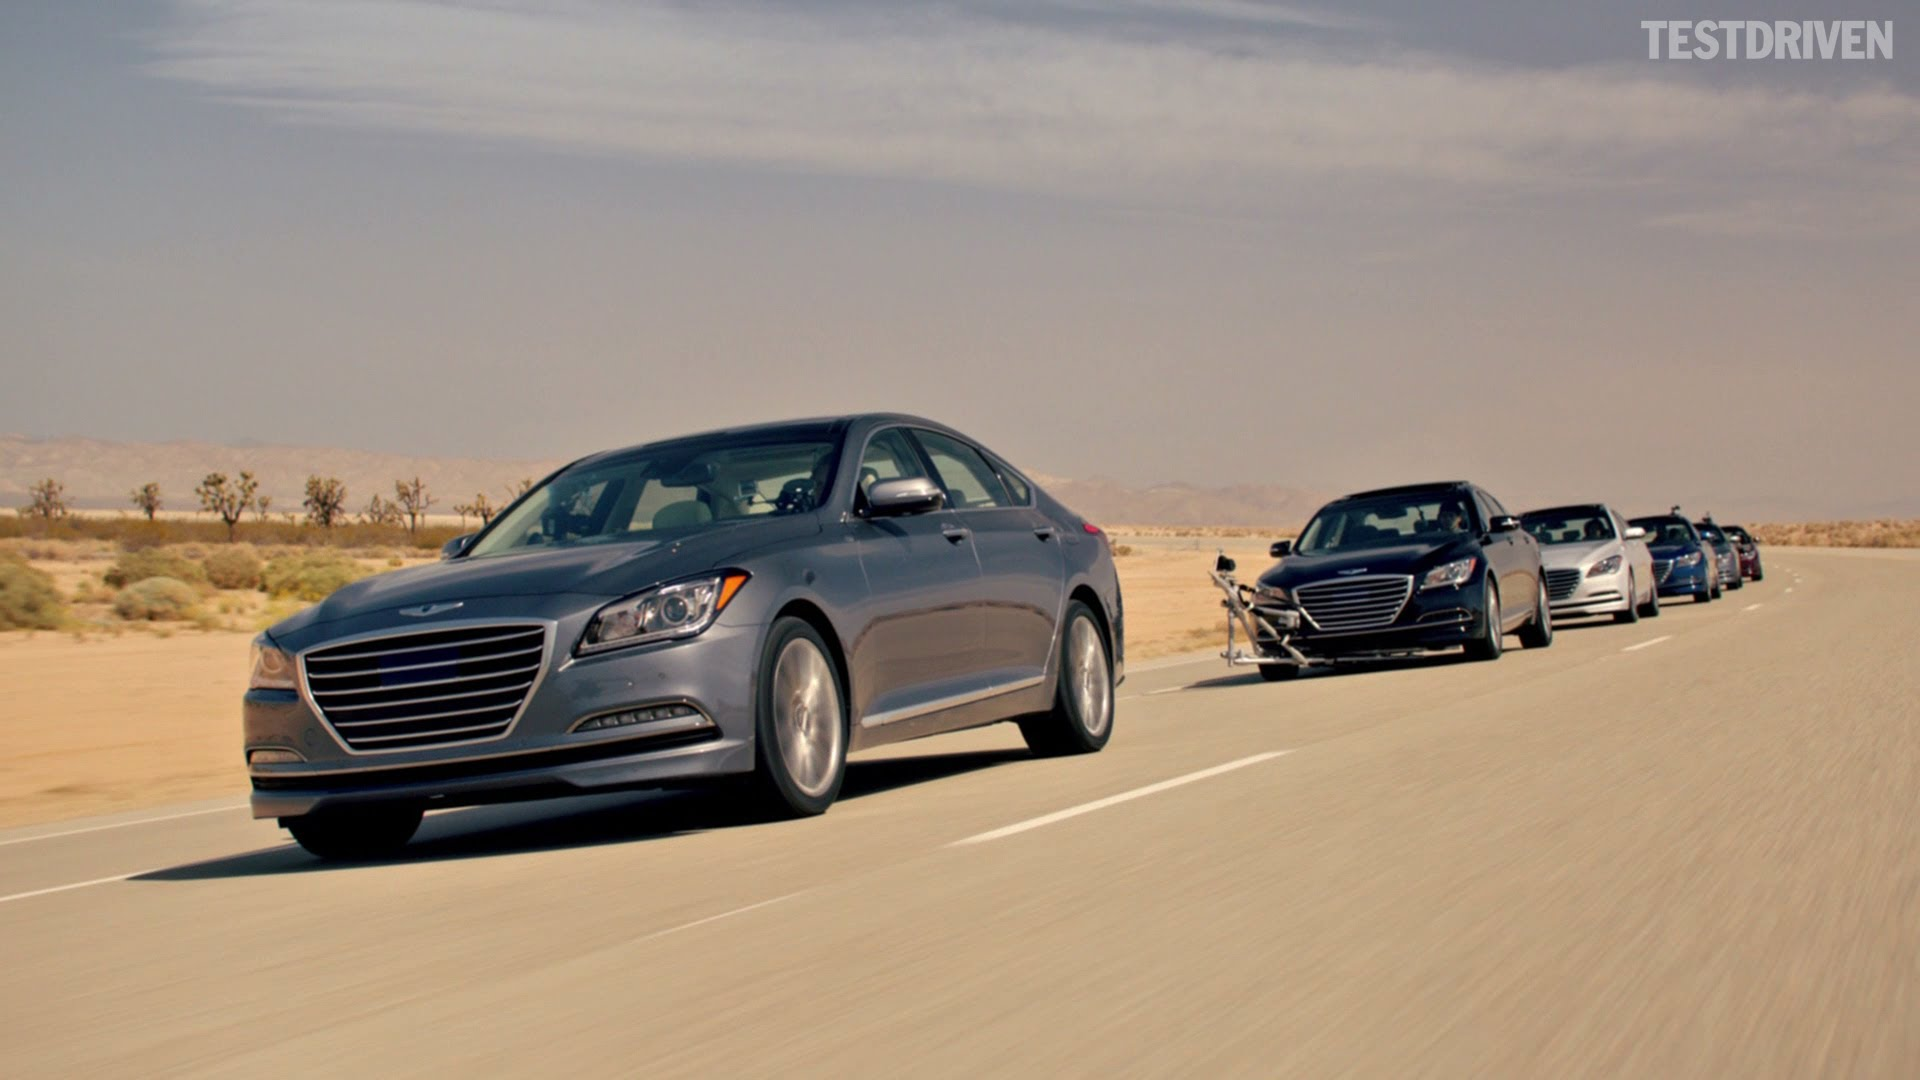 Publicité pour l'assistance à la conduite de Hyundai